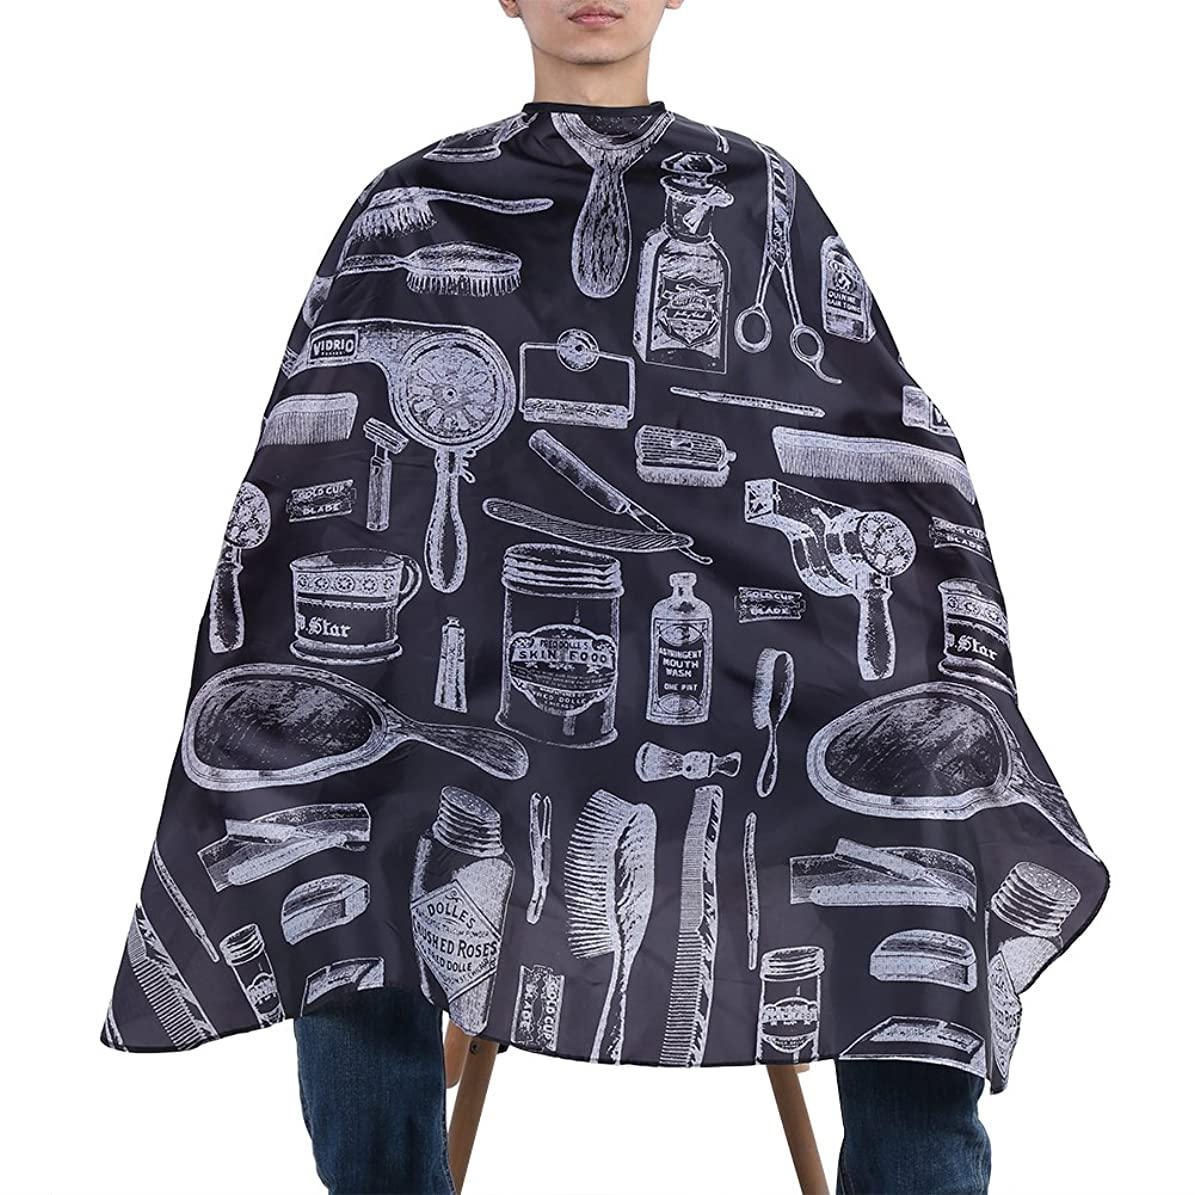 データエクステント侵入するヘアカットドレス 全身をすっぽりカバー! 散髪マント 髪が服に落ちる